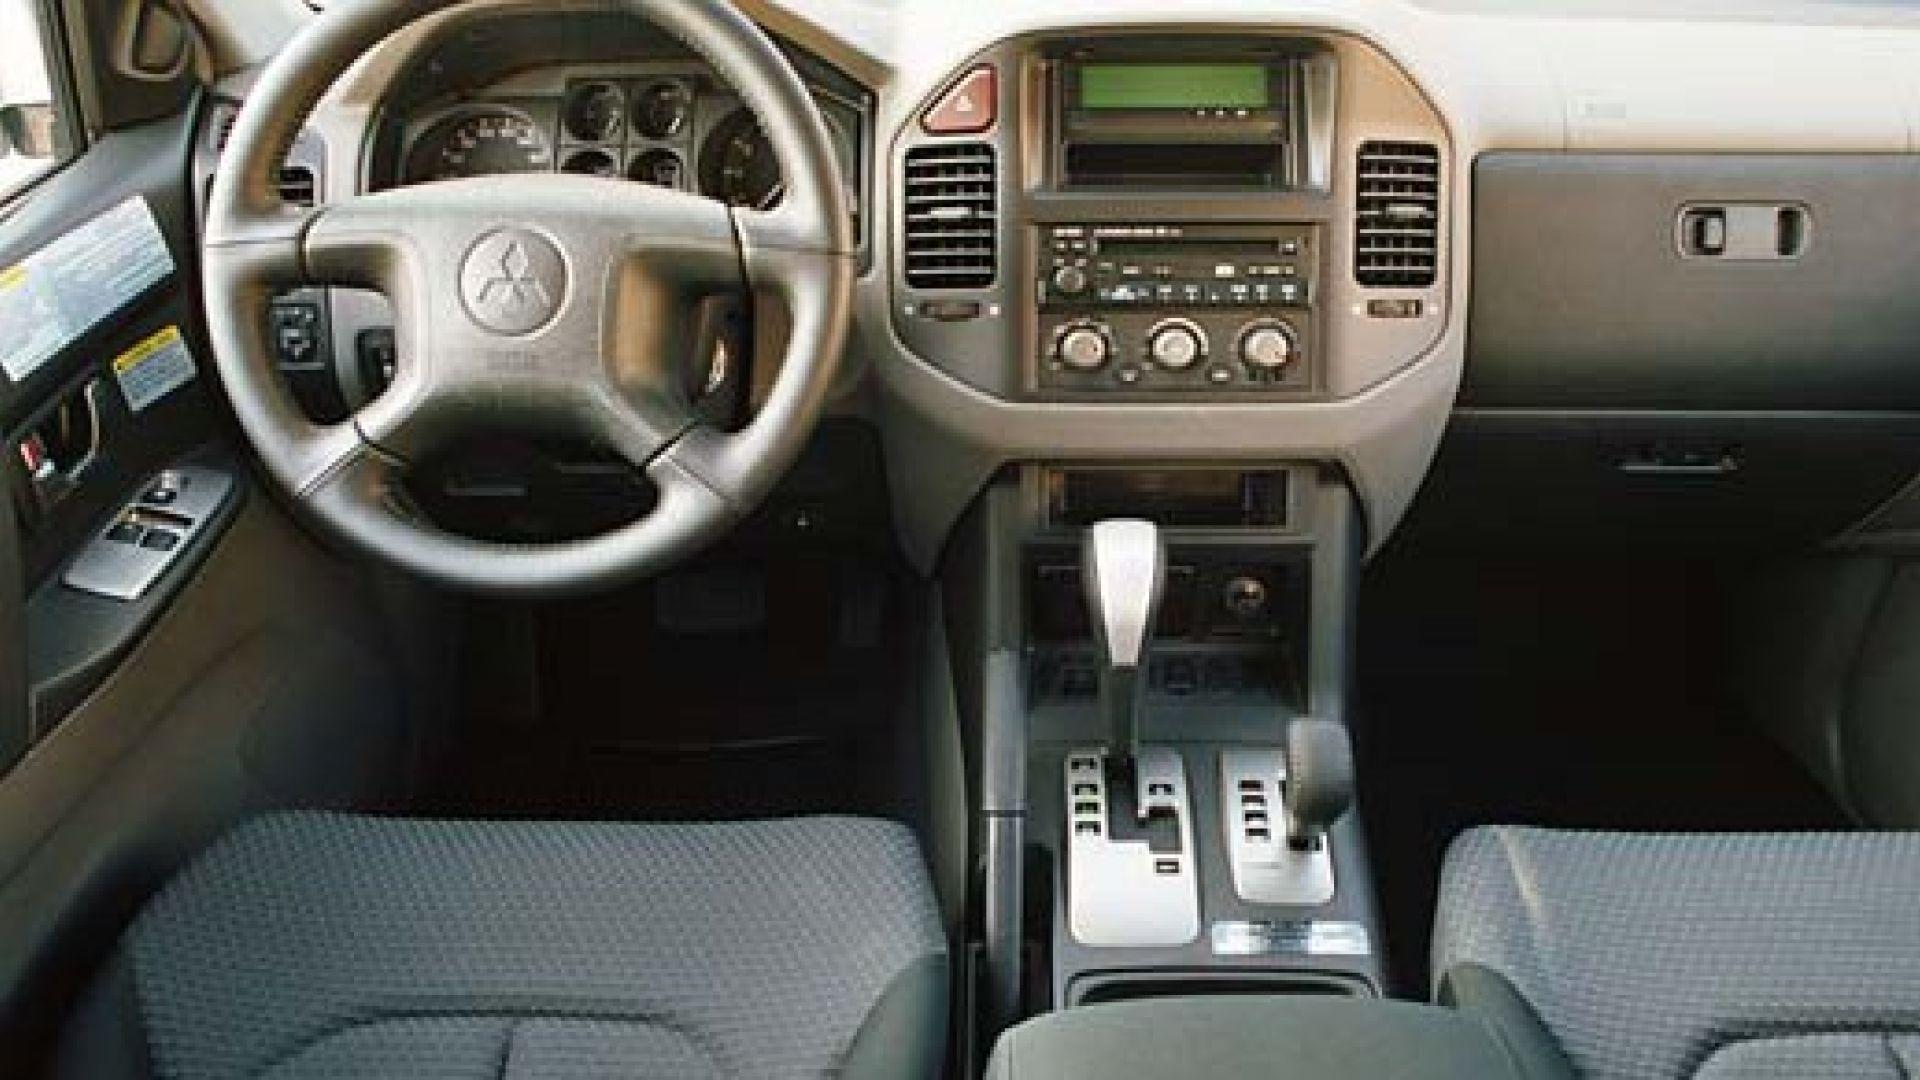 Mitsubishi Pajero my 2003 - MotorBox